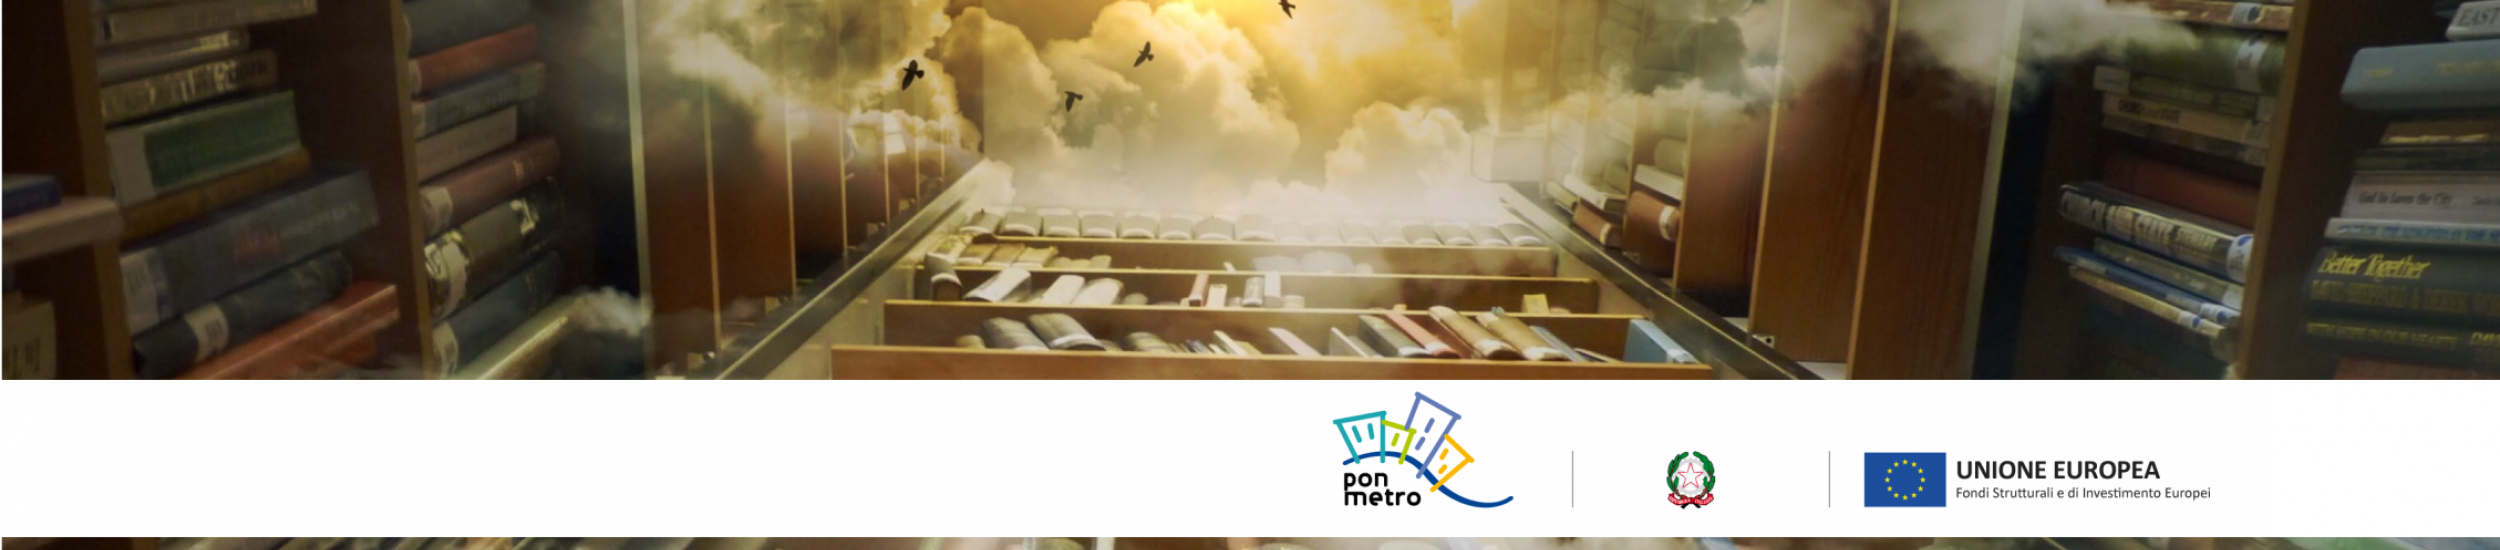 News: Da lunedì 15 ottobre al via il nuovo portale GMP Sistema Bibliotecario Genova Metropolitana